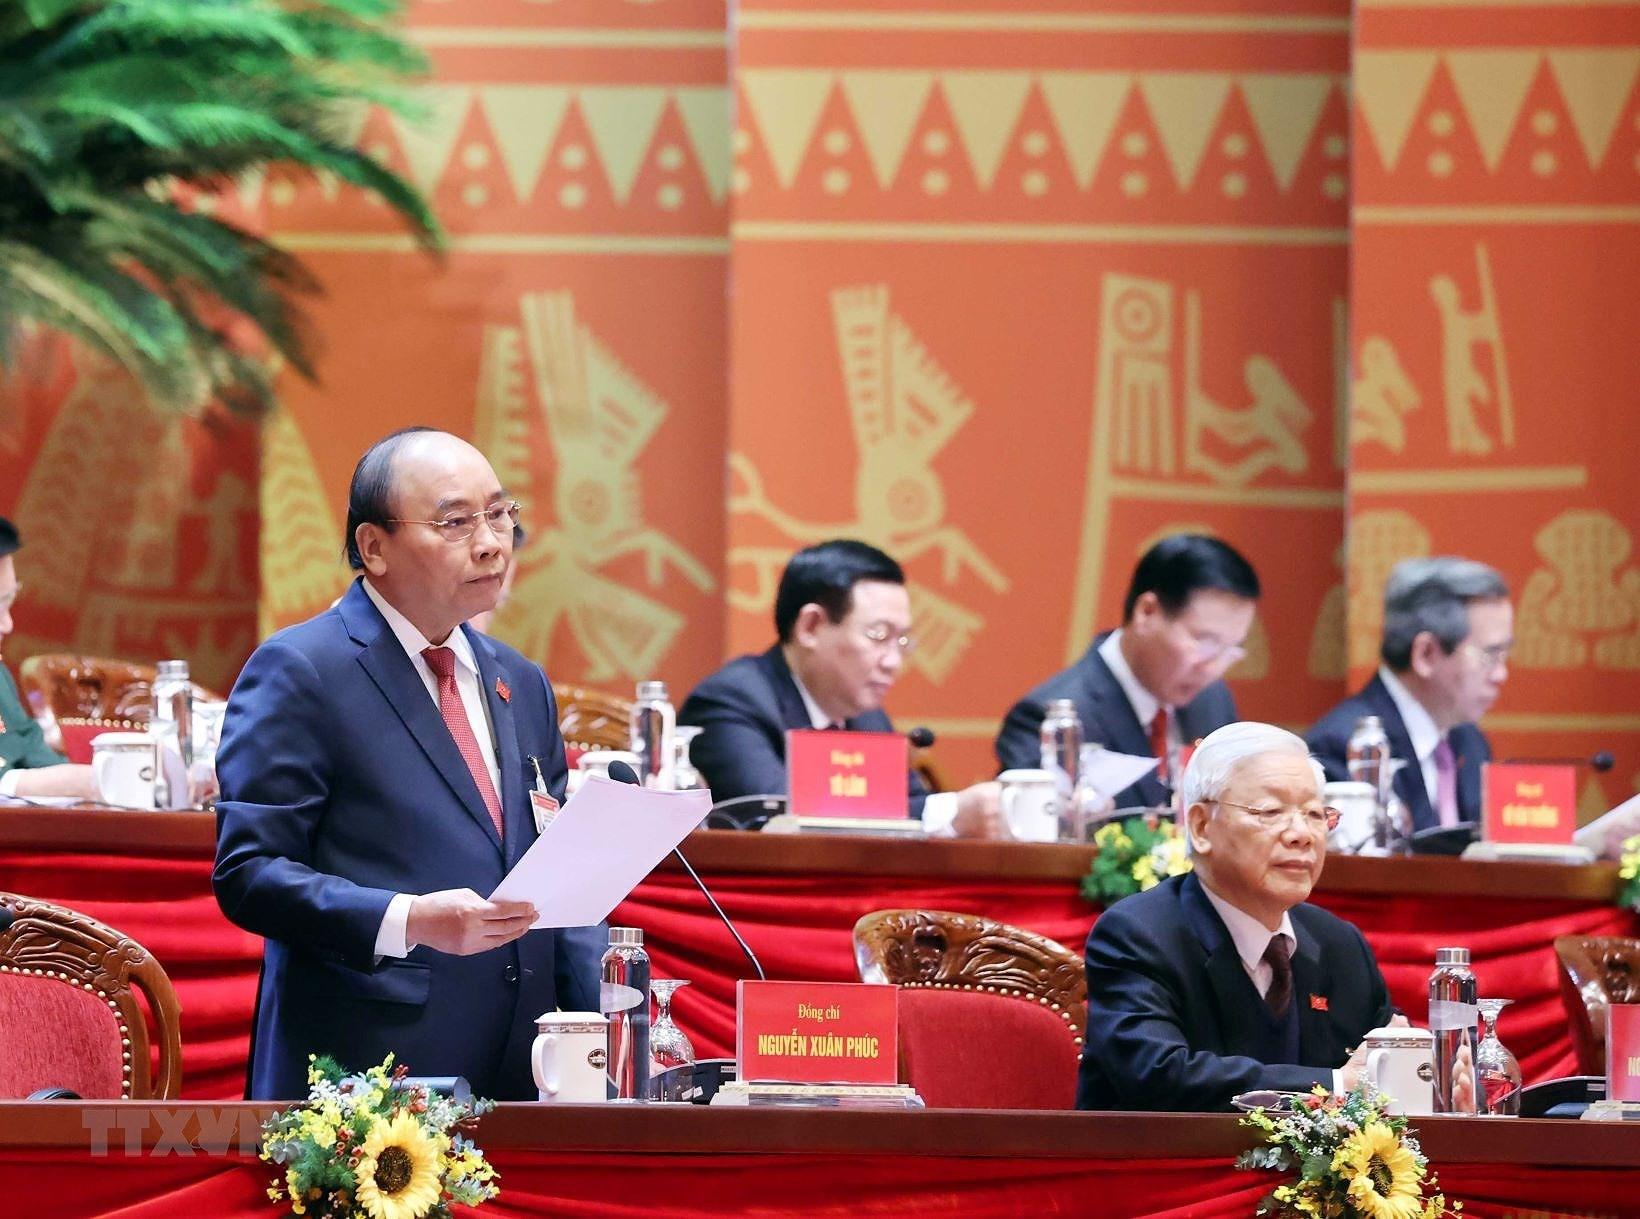 Thay mặt Đoàn Chủ tịch, đồng chí Nguyễn Xuân Phúc, Ủy viên Bộ Chính trị, Thủ tướng Chính phủ điều hành phiên thảo luận sáng 27/1 (Nguồn: TTXVN)